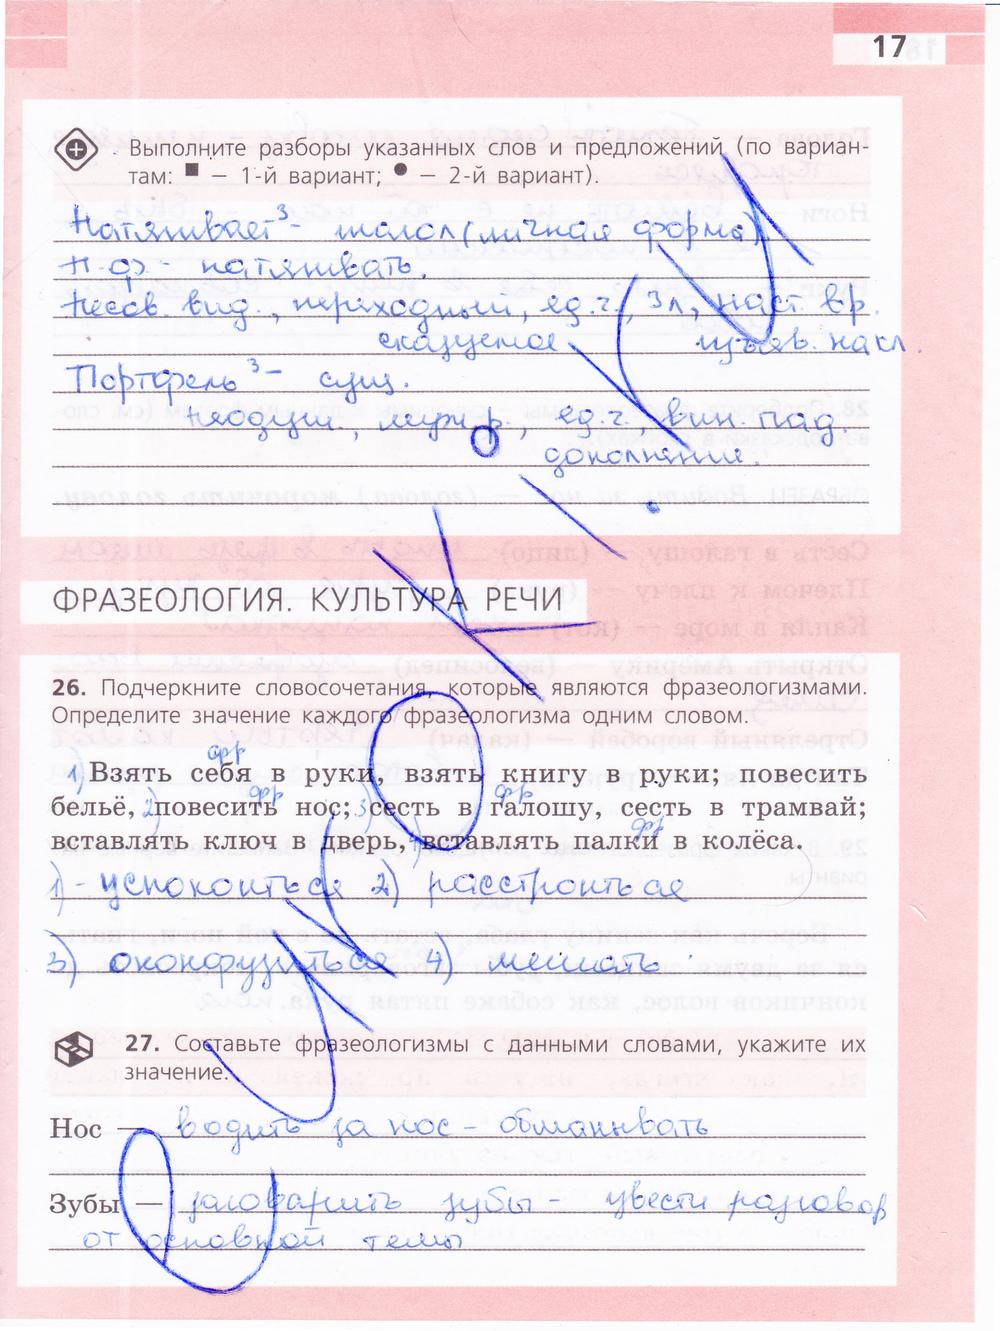 Гдз по русскому язык рабочая тетрадь 6 класс ефремова